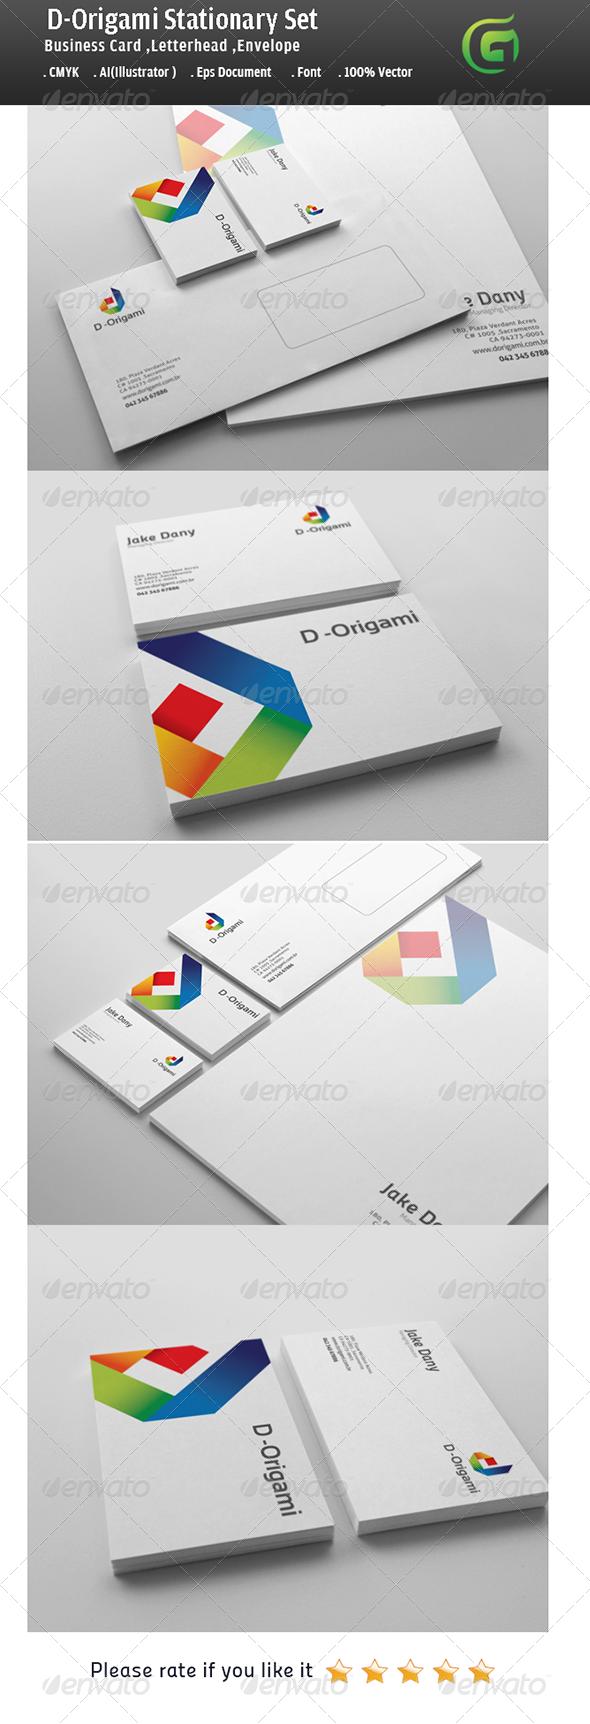 GraphicRiver D-Origami Stationary Design 5632483